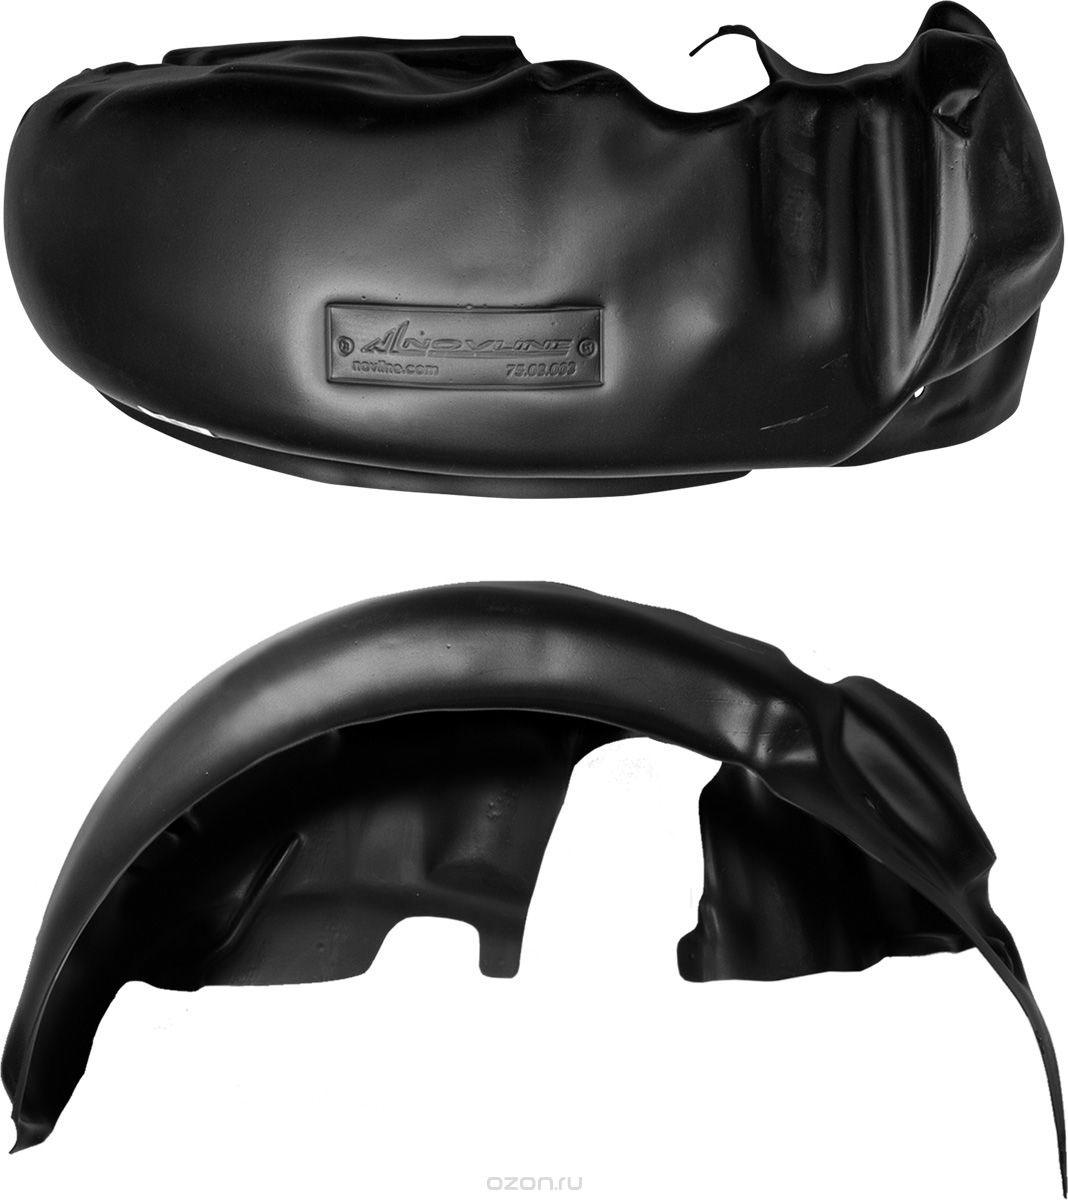 Подкрылок Novline-Autofamily, для GEELY Emgrand X7, 2013->, передний правыйVCA-00Идеальная защита колесной ниши. Локеры разработаны с применением цифровых технологий, гарантируют максимальную повторяемость поверхности арки. Изделия устанавливаются без нарушения лакокрасочного покрытия автомобиля, каждый подкрылок комплектуется крепежом. Уважаемые клиенты, обращаем ваше внимание, что фотографии на подкрылки универсальные и не отражают реальную форму изделия. При этом само изделие идет точно под размер указанного автомобиля.